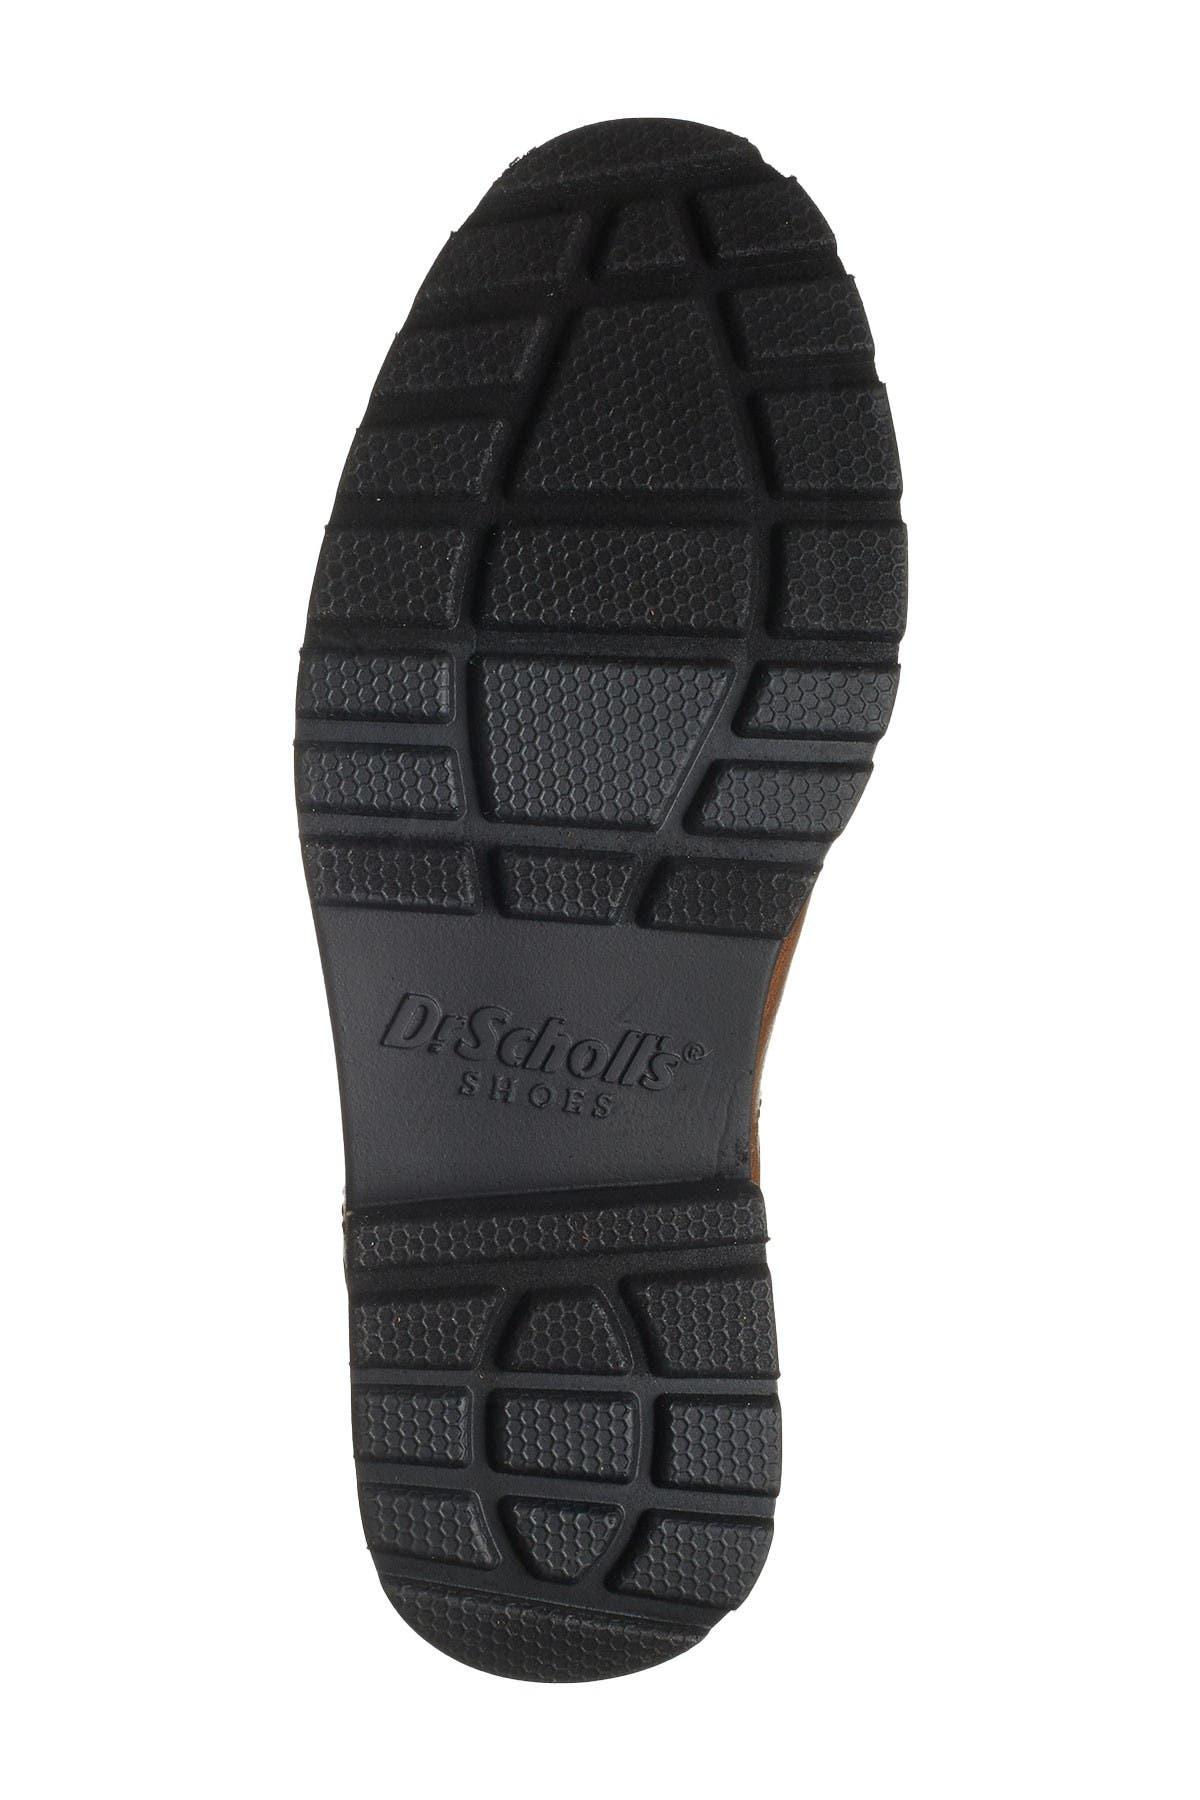 Dr. Scholl's Levine Side Zip Chelsea Boot